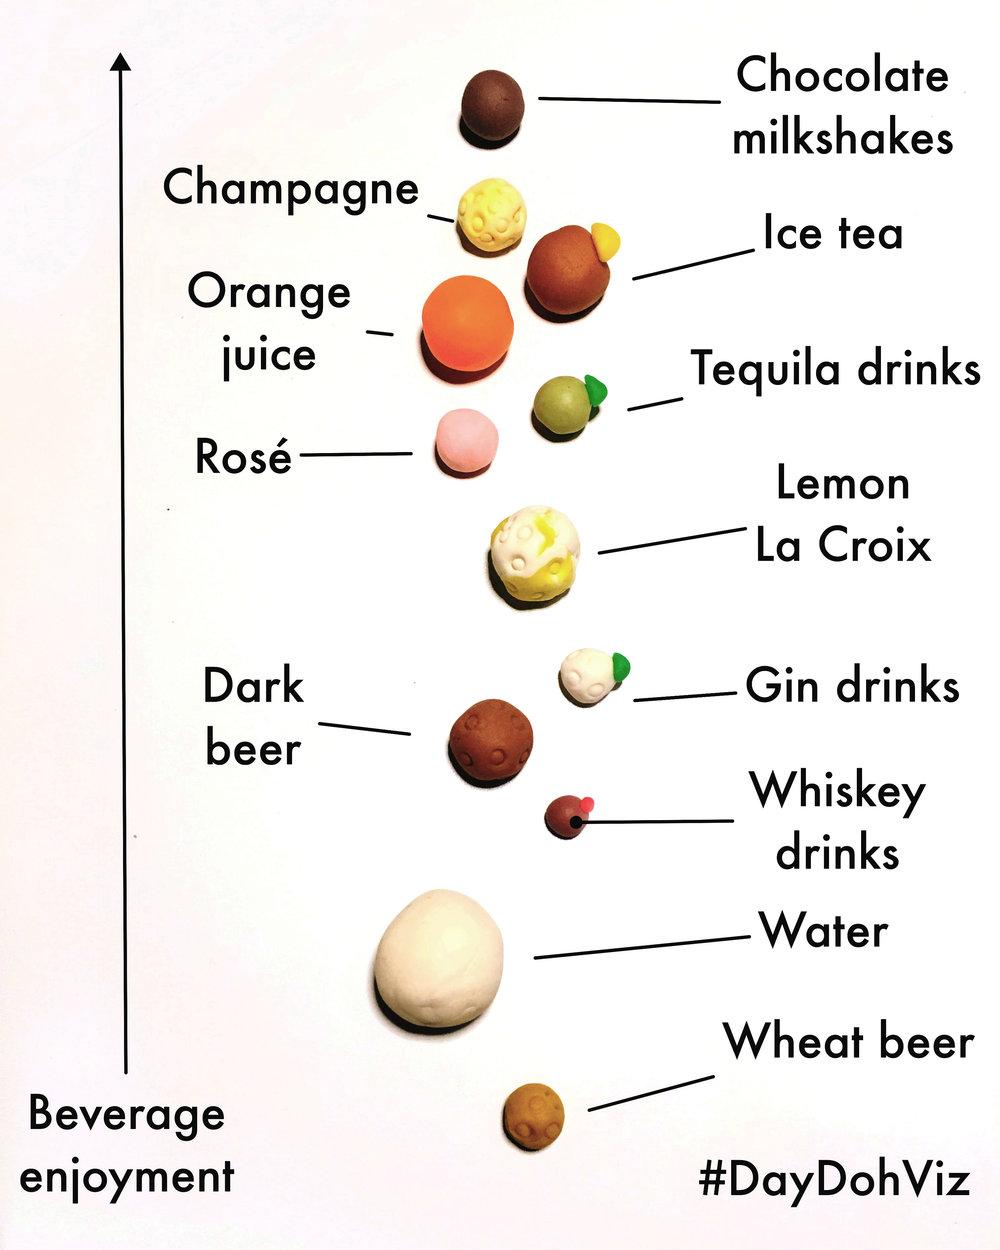 beverage-1.jpg